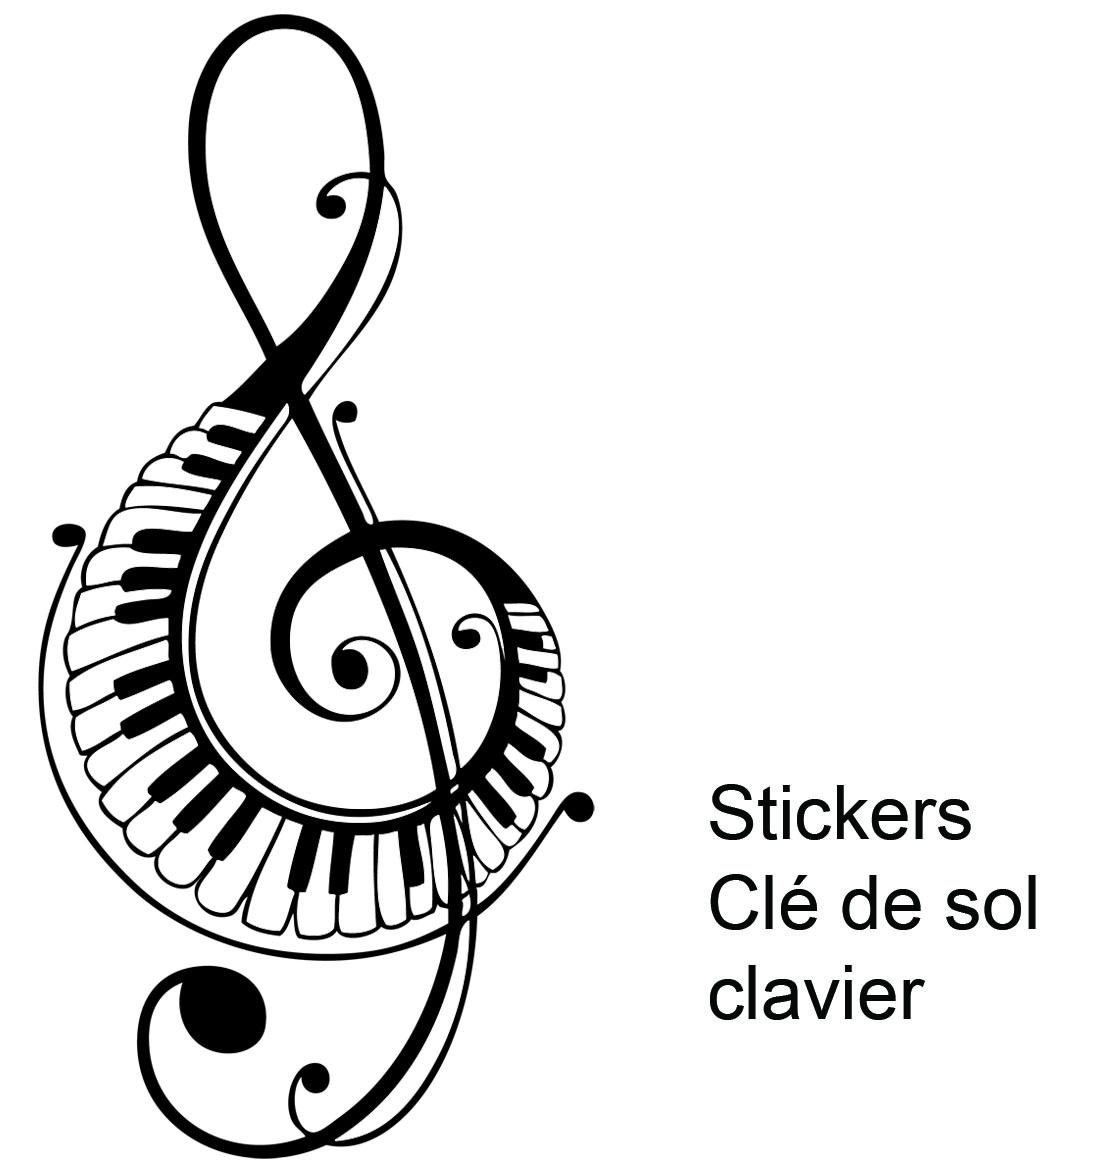 Stickers musique clé de sol clavier piano - Musique/instruments